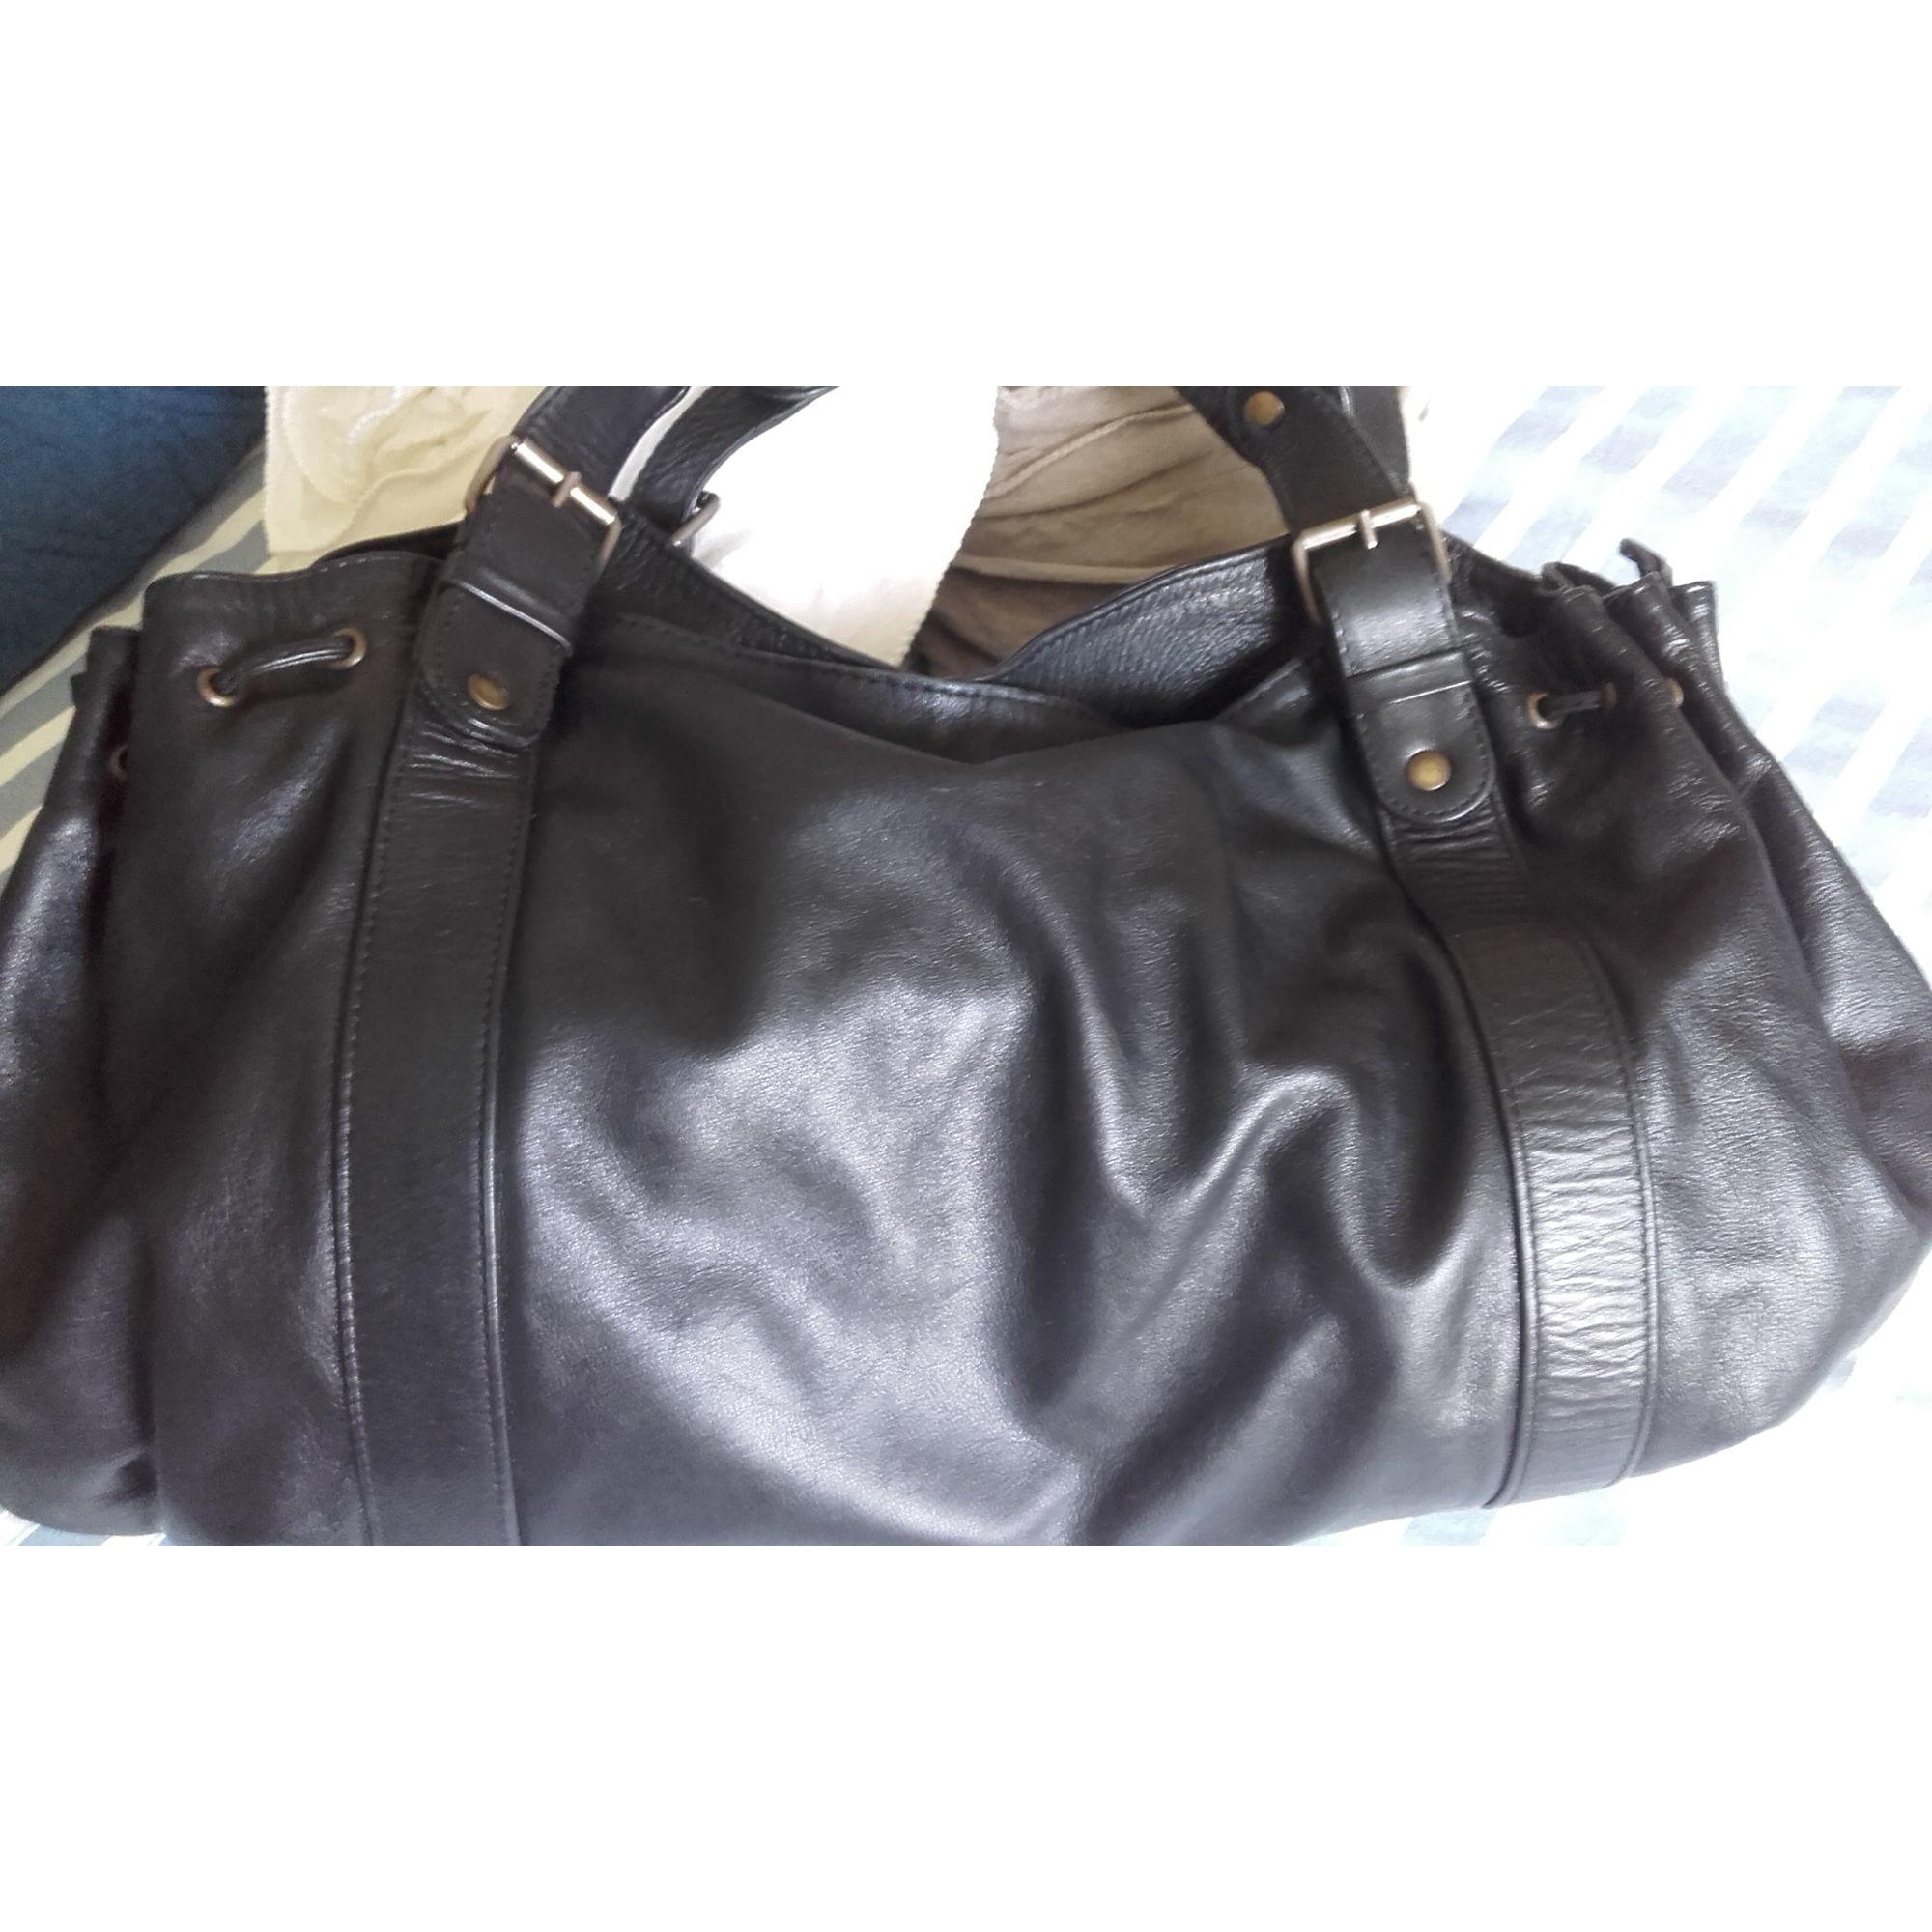 Sac XL en cuir GERARD DAREL 36H noir vendu par Verlhac 3 - 8080244 bc51d375043a